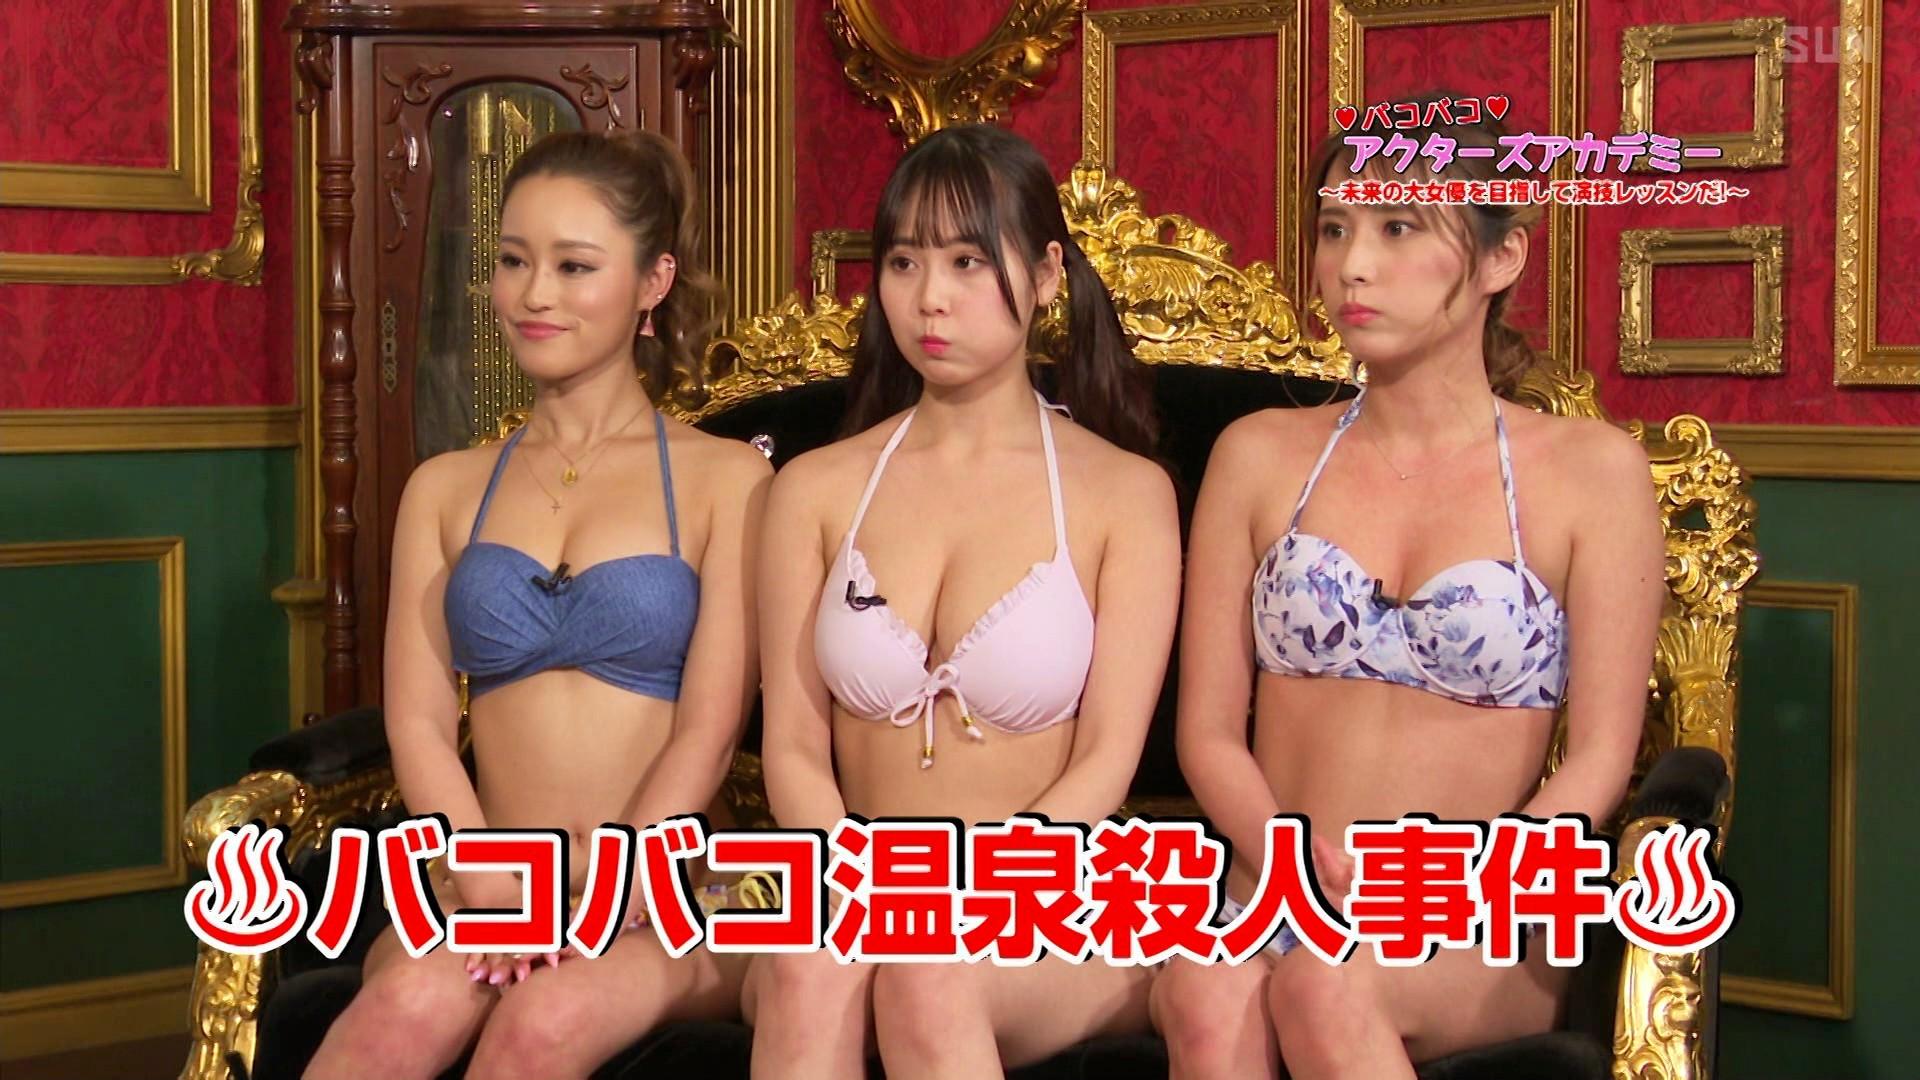 2019年3月15日「ケンコバのバコバコテレビ」テレビキャプチャー画像-061